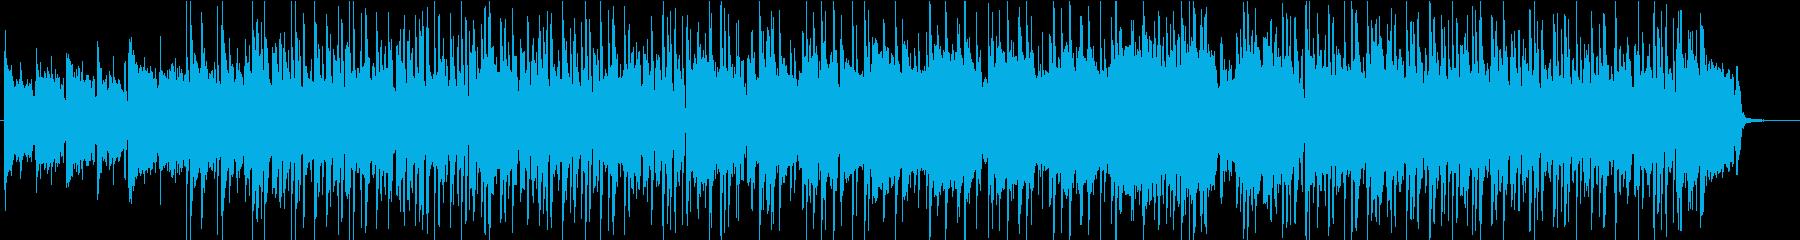 ファンキーなギターインストの再生済みの波形